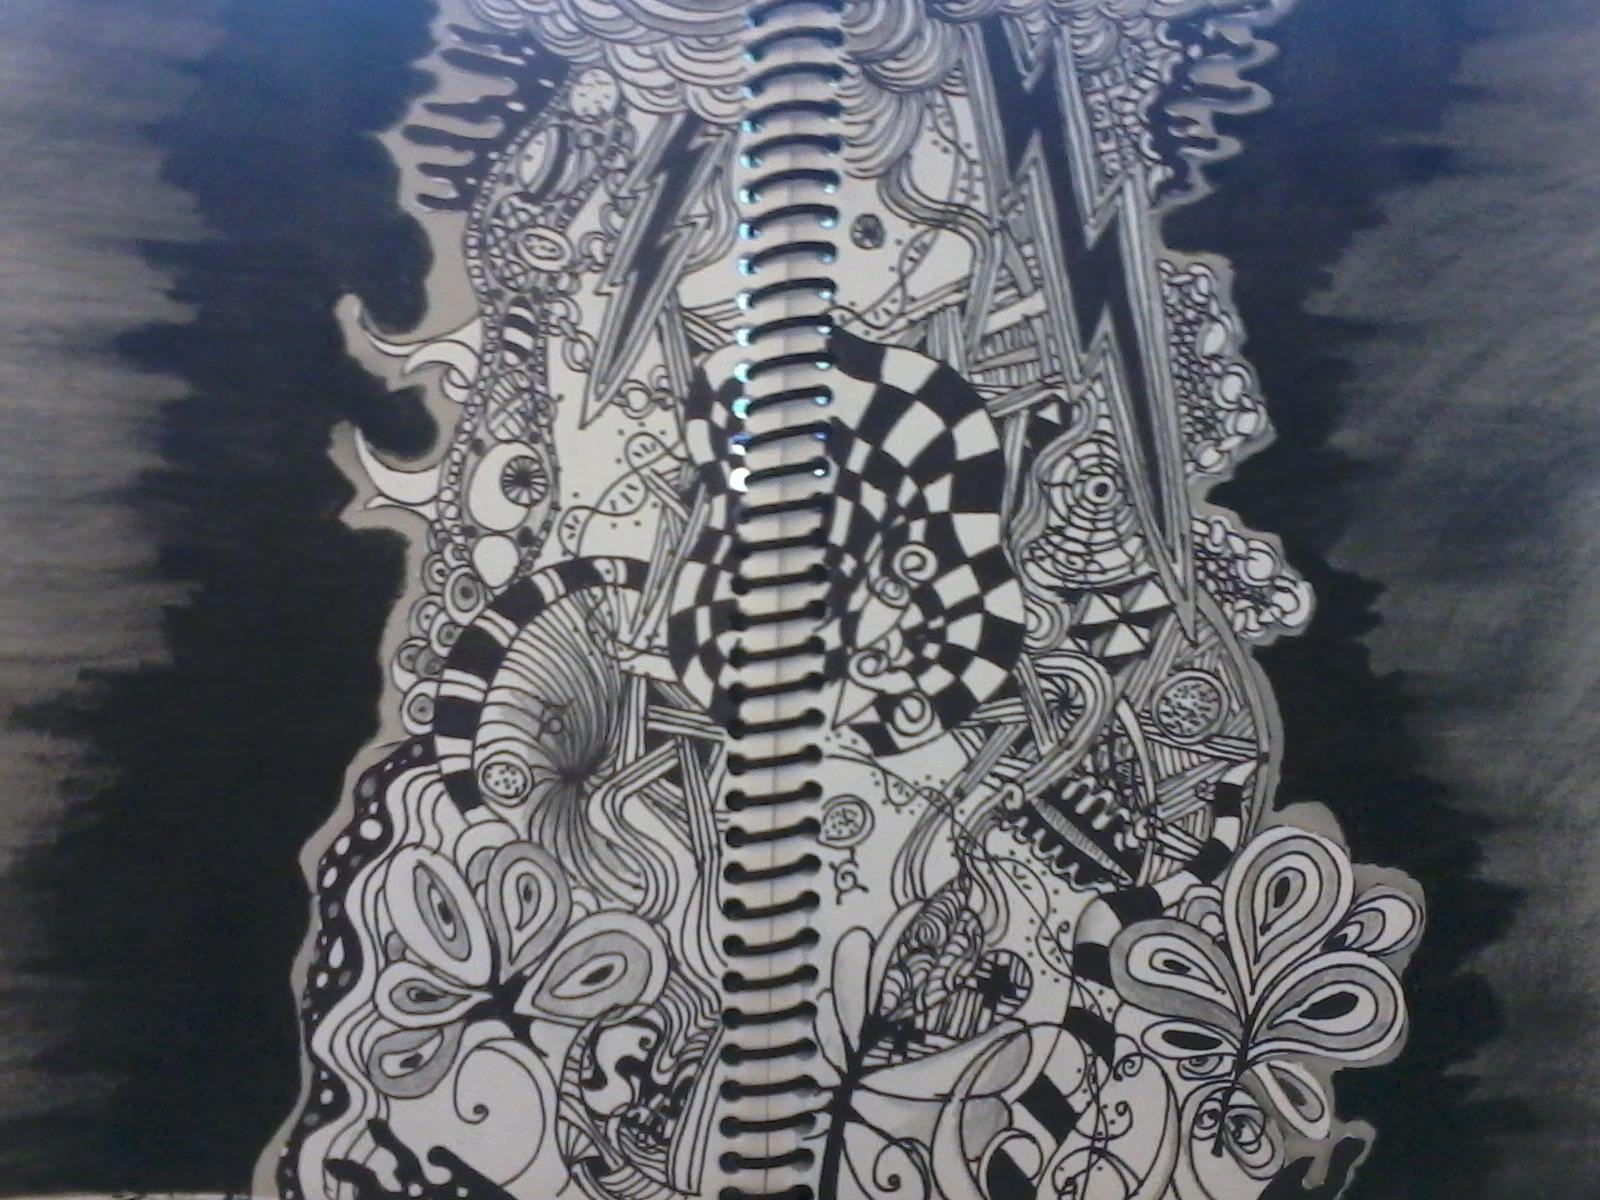 Zentangle in my sketchbook